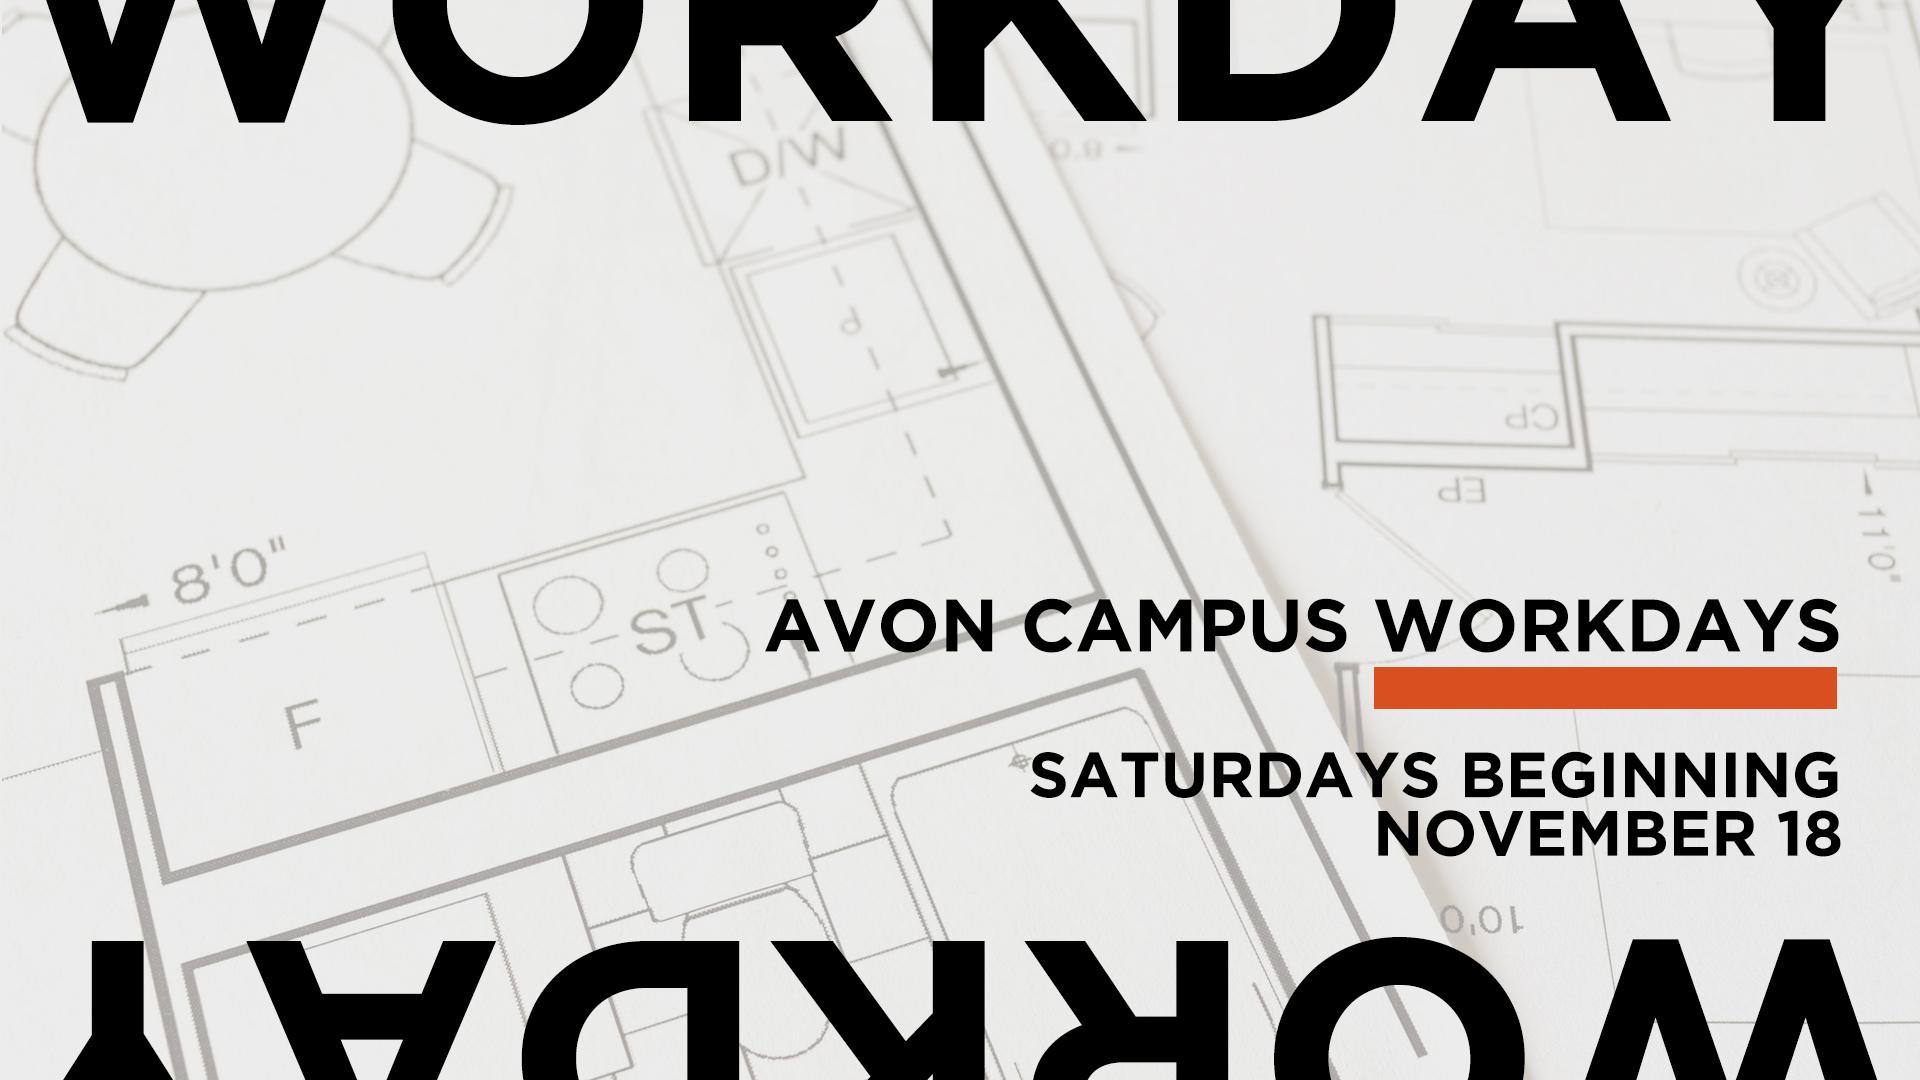 Avon workdays